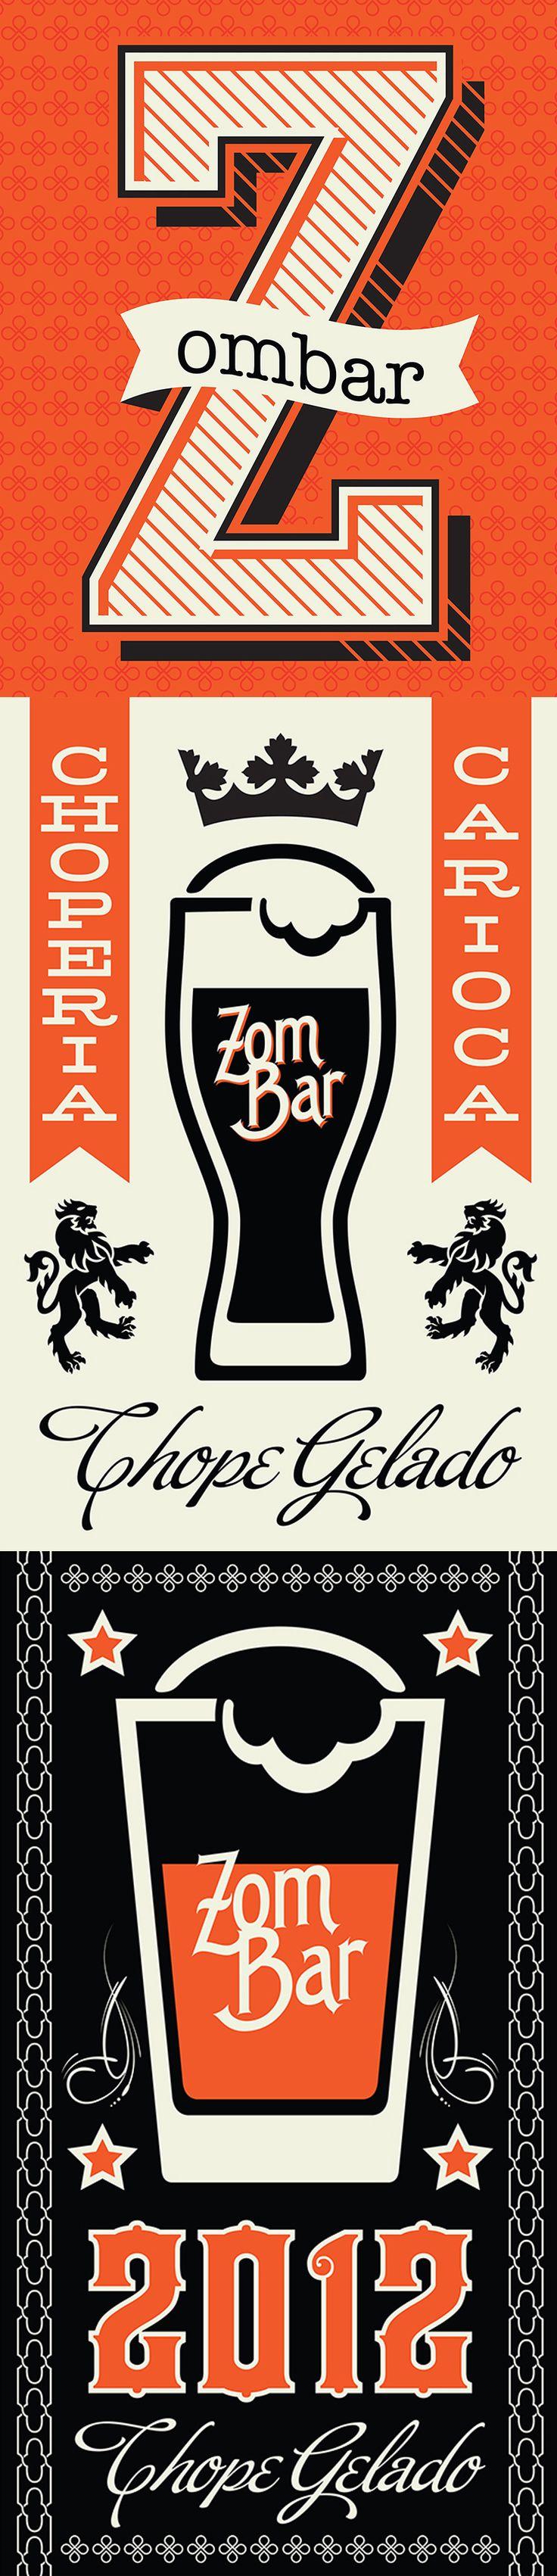 ZOMBAR - (Design by Muffa Comunicação) muffa.com.br